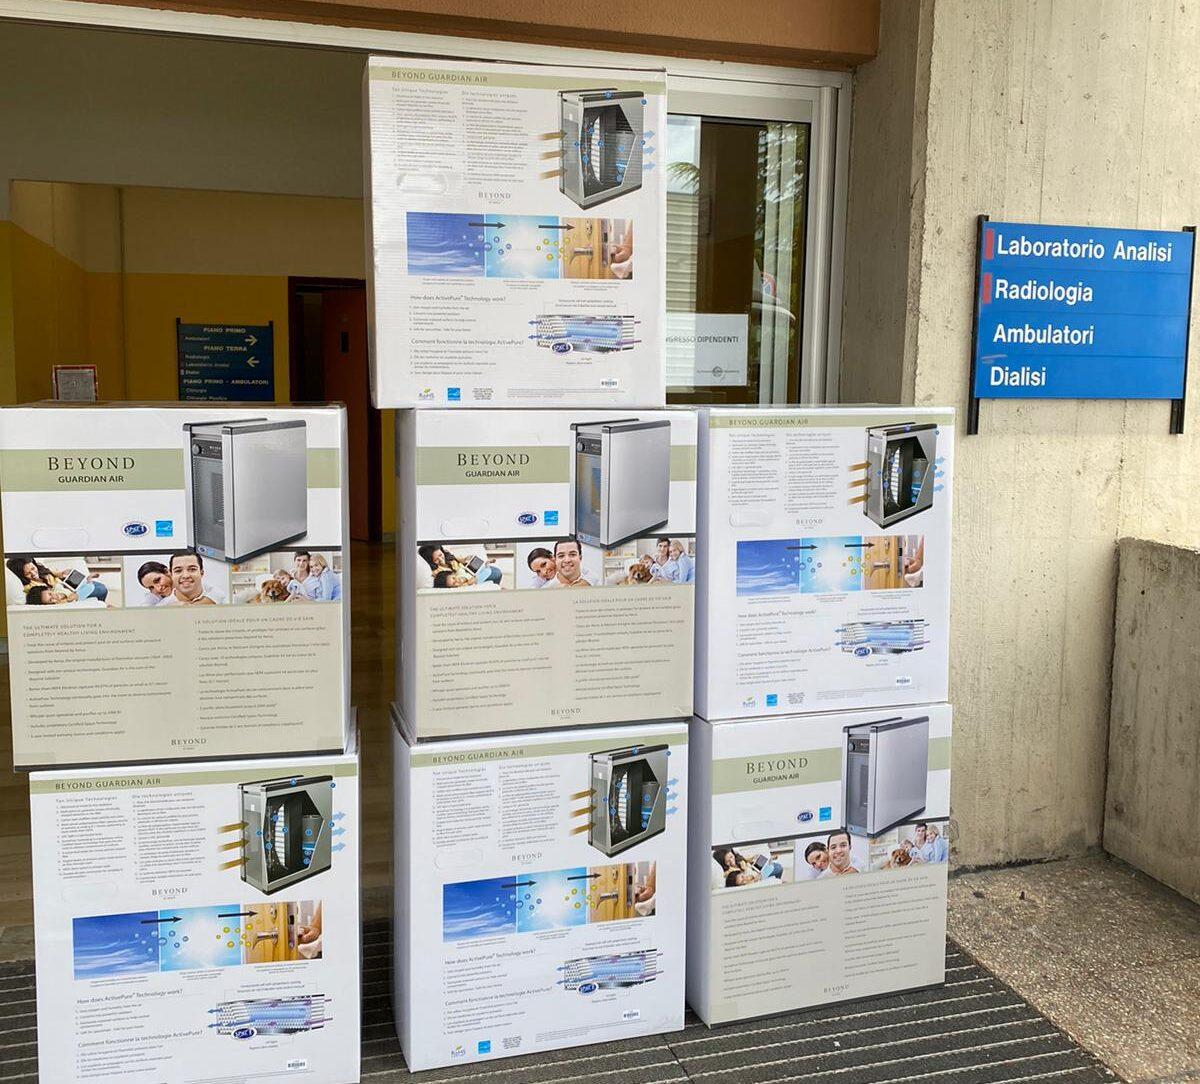 Consegnati 10 decontaminatori ambientali all'Ospedale di Avezzano